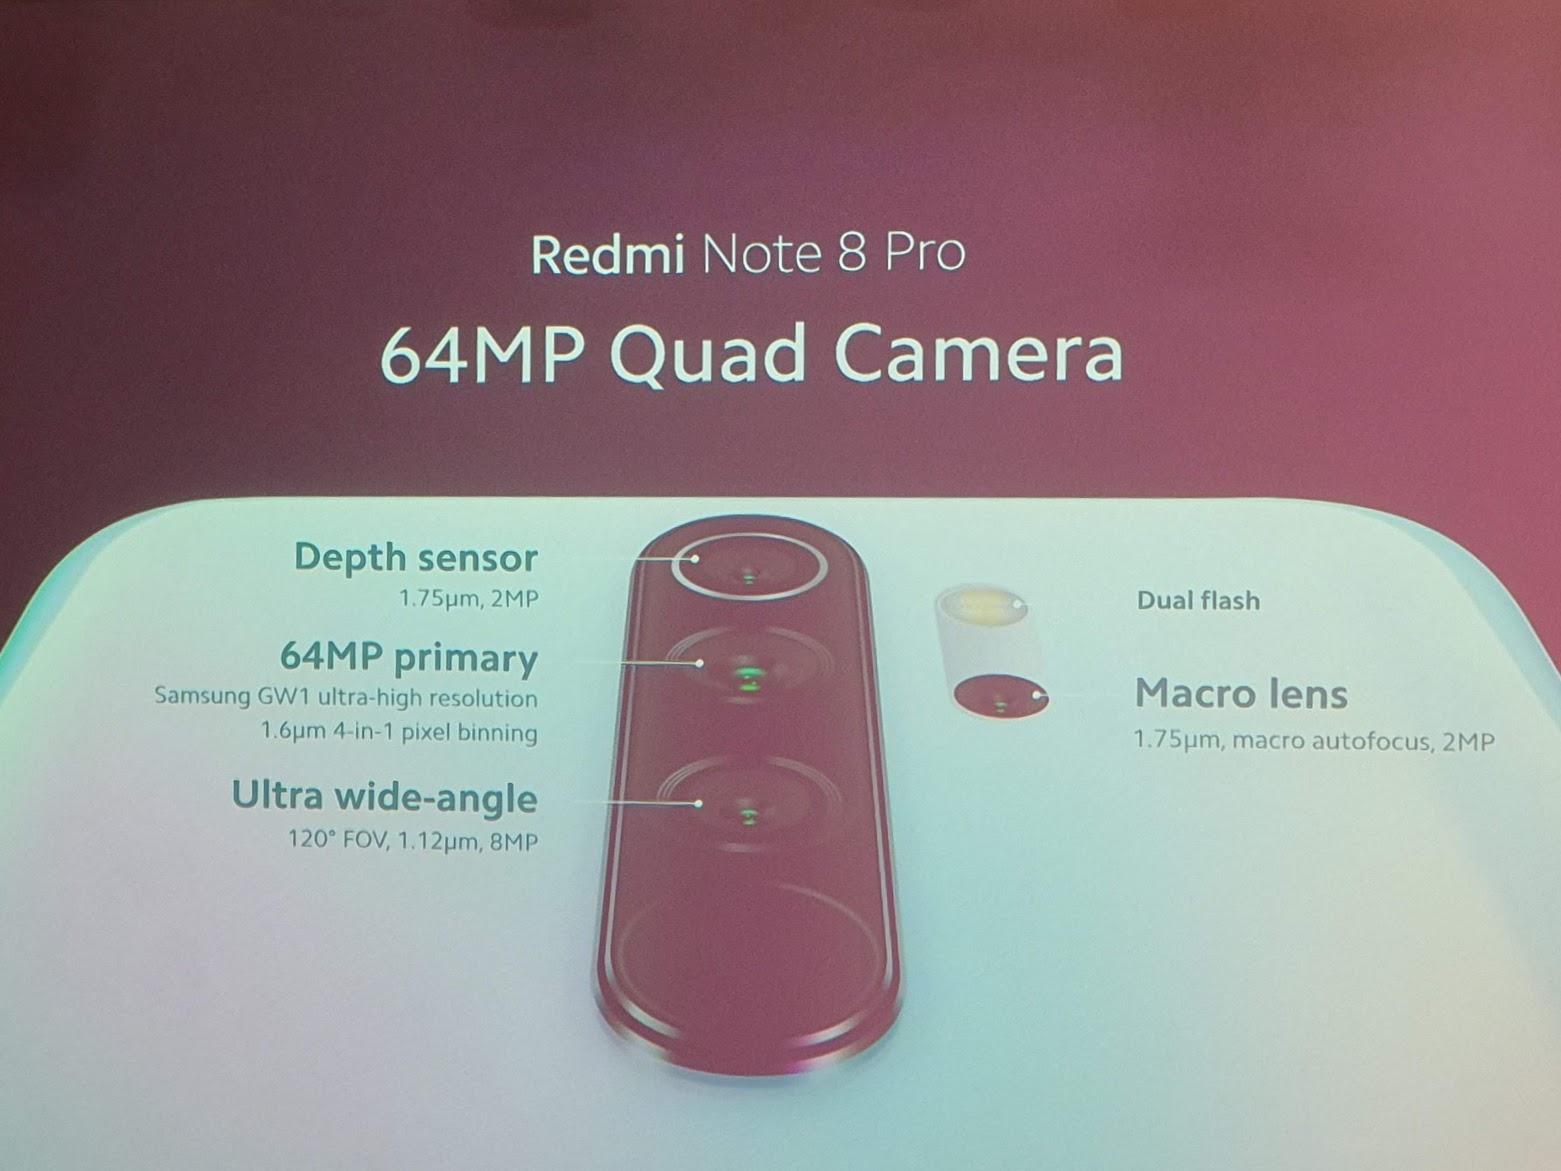 camera redmi note 8 pro